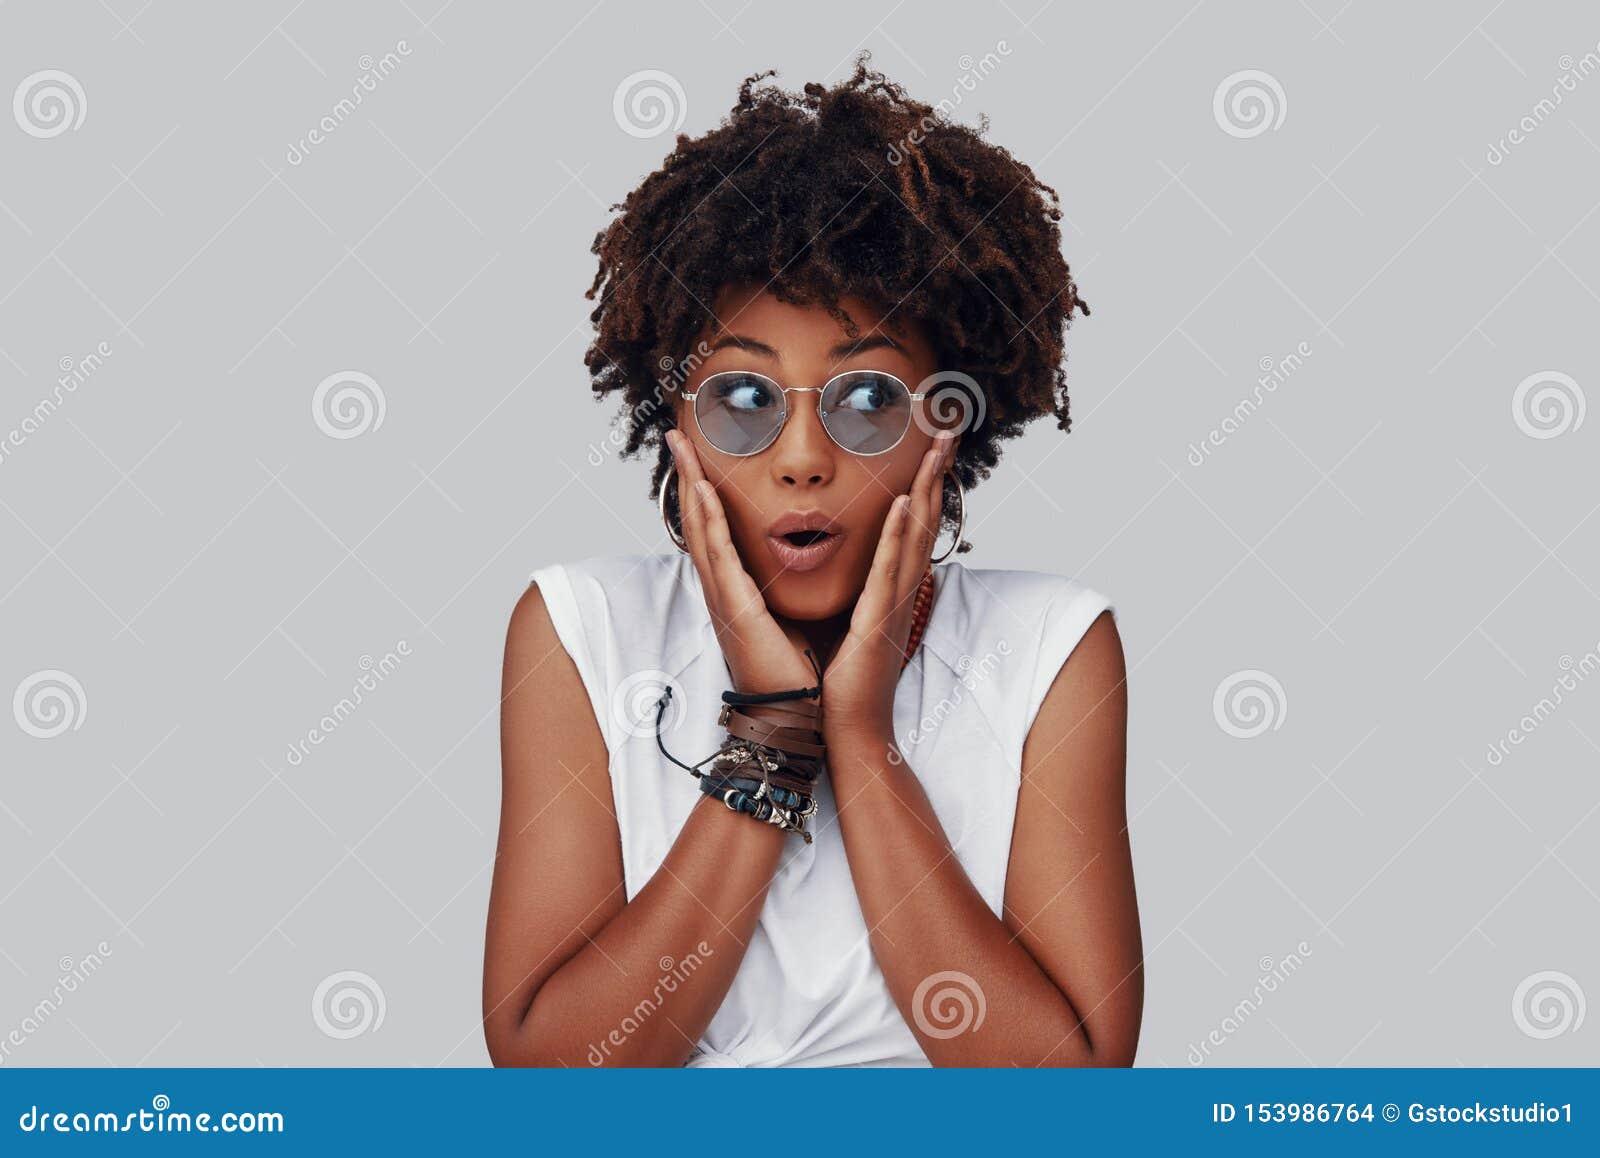 Удивленная молодая африканская женщина